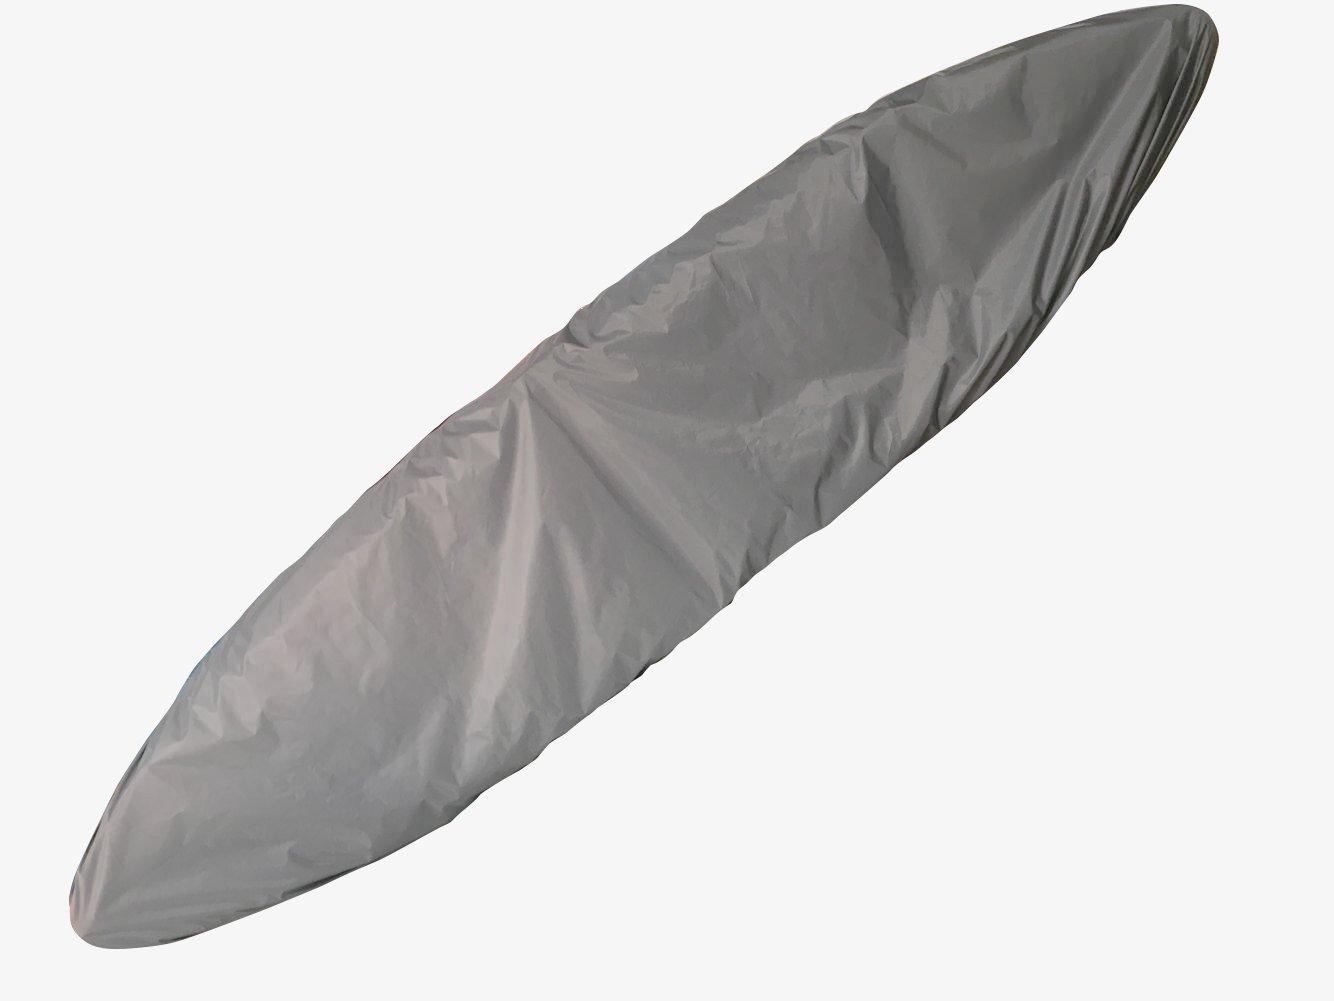 XuBa Professionelle Professionelle Professionelle Kanu Kajak Aufbewahrungstasche Anti-UV Wasserdicht Schutz für RuderStiefel B07GNBDF11 Stiefelabdeckplanen Sofortige Lieferung 9c9ce8